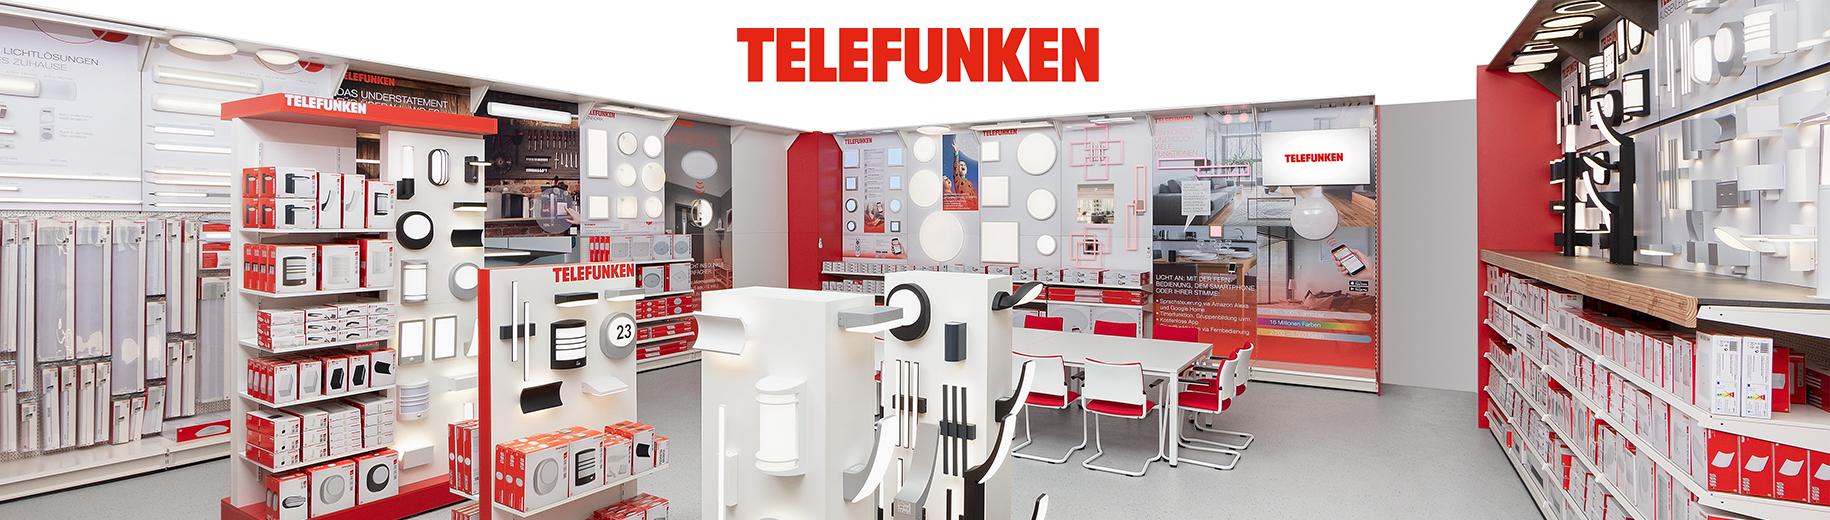 Banner Telefunken